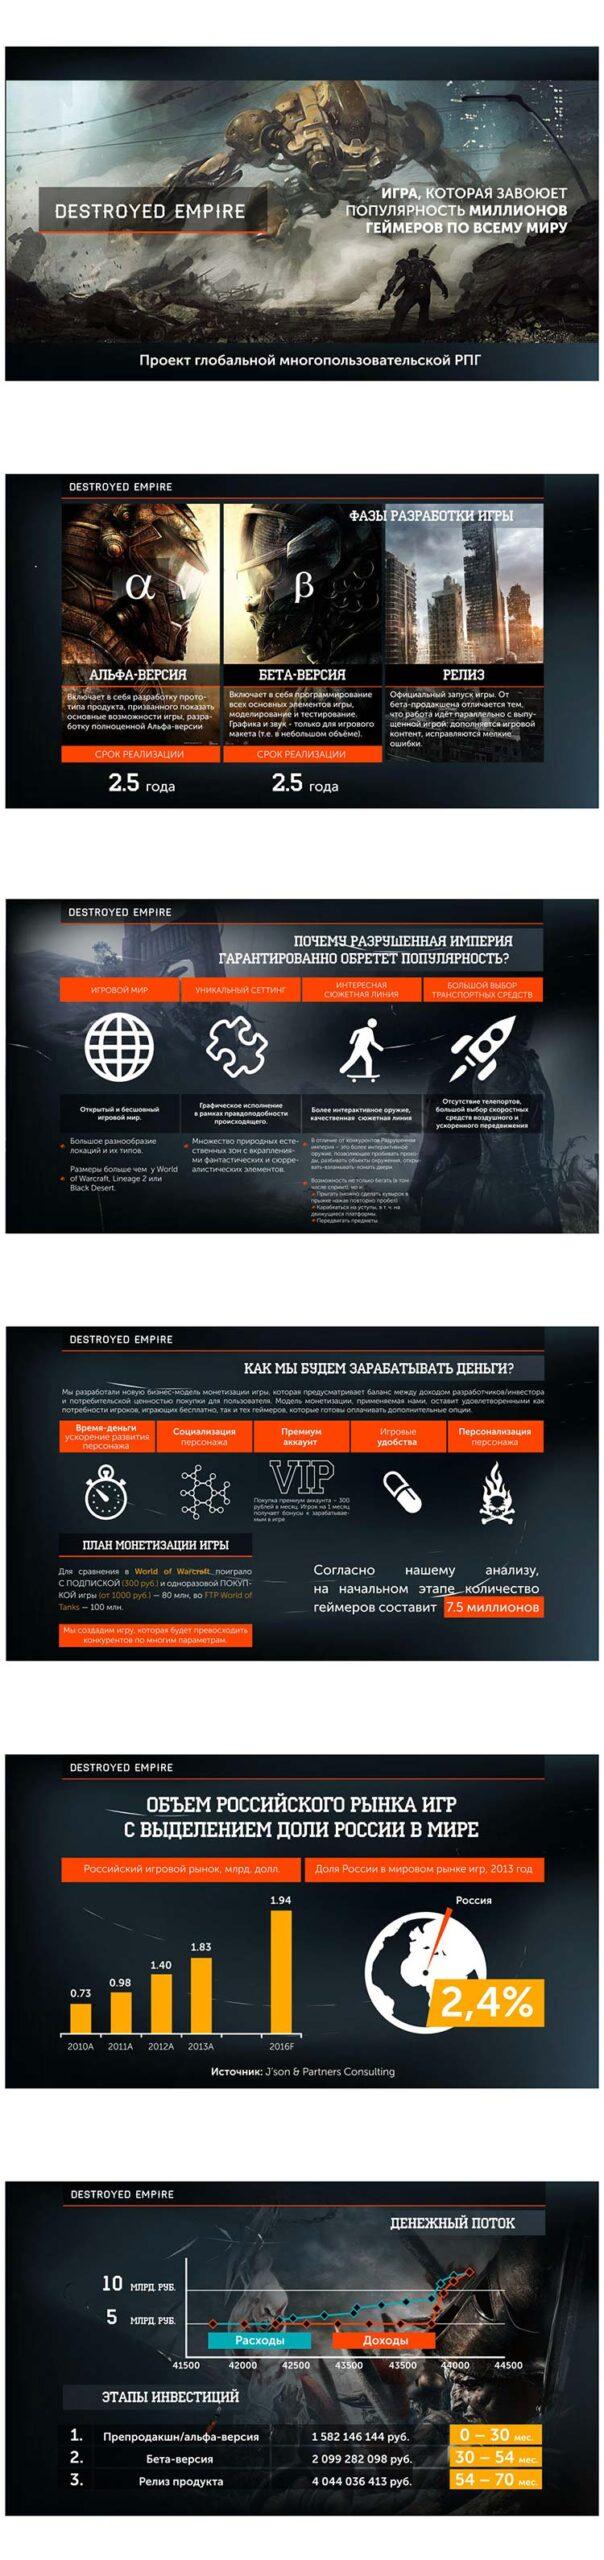 zakazat-Prezentacija-globalnoj-mnogo-polzovatelskoj-RPG-dlja-investorov